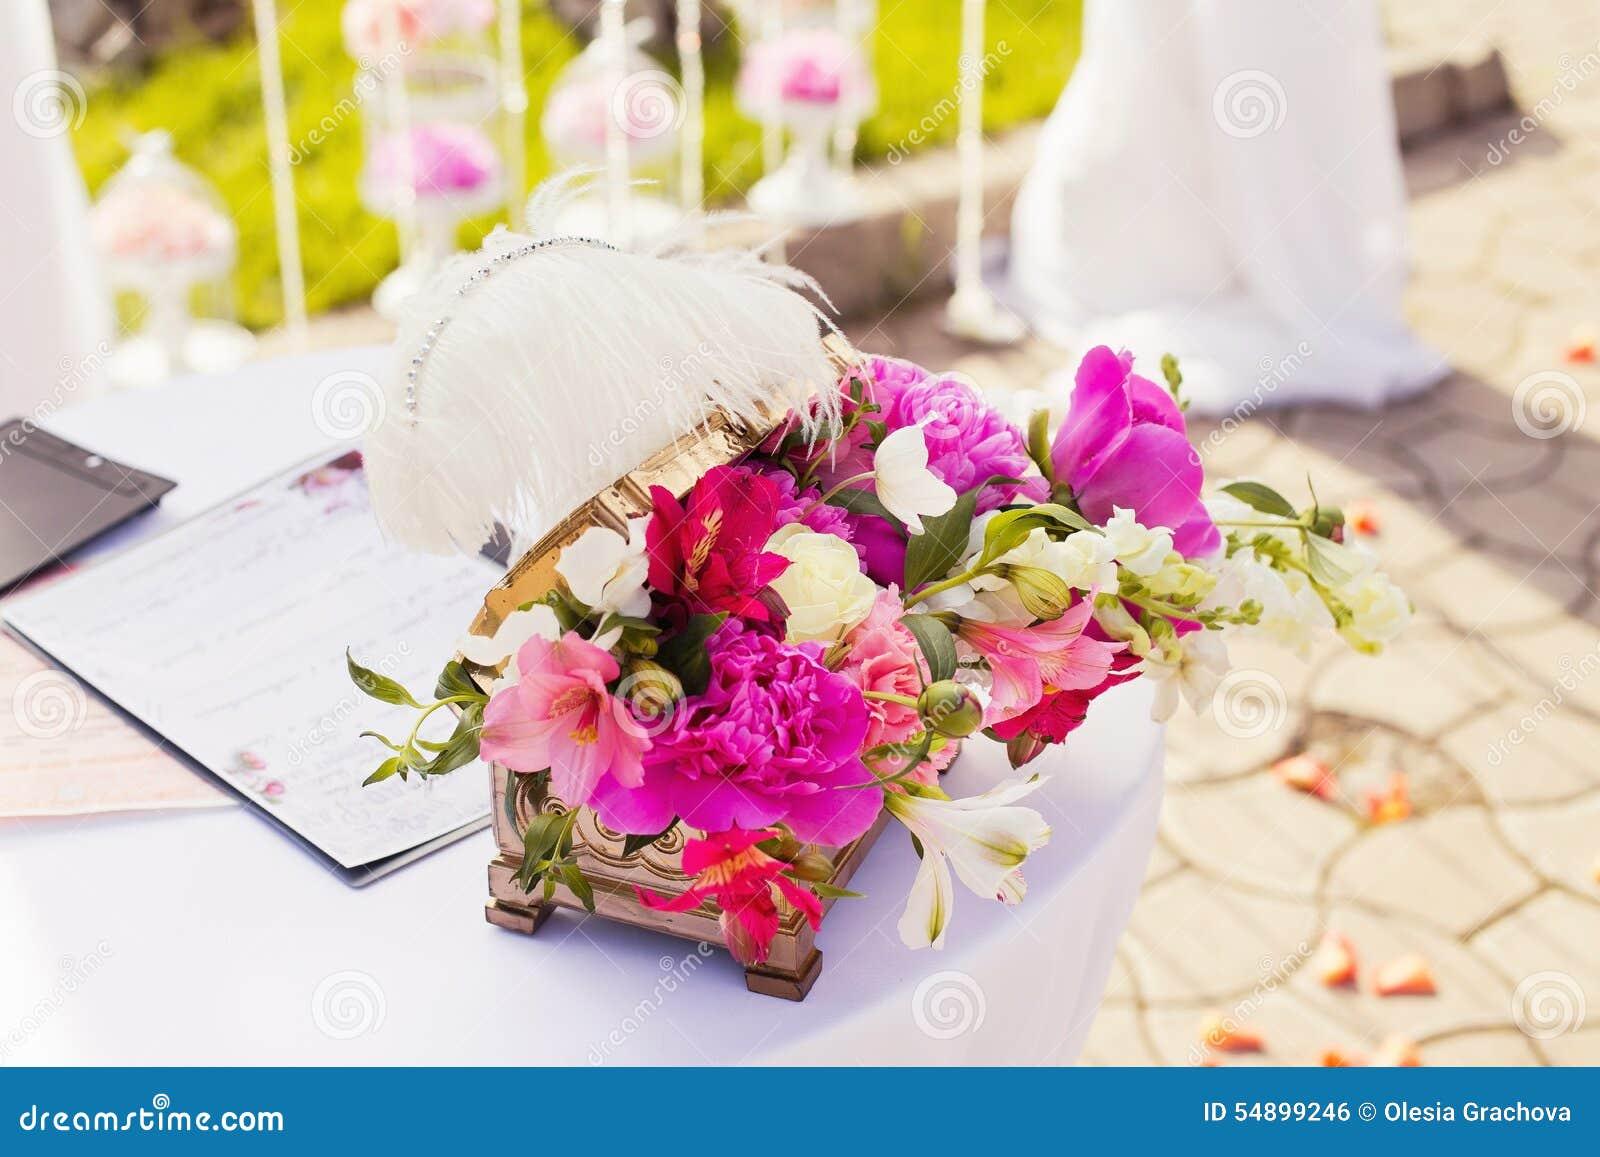 Decorazioni della tavola di nozze matrimonio alla moda fotografia stock immagine 54899246 - Alla tavola della longevita ...